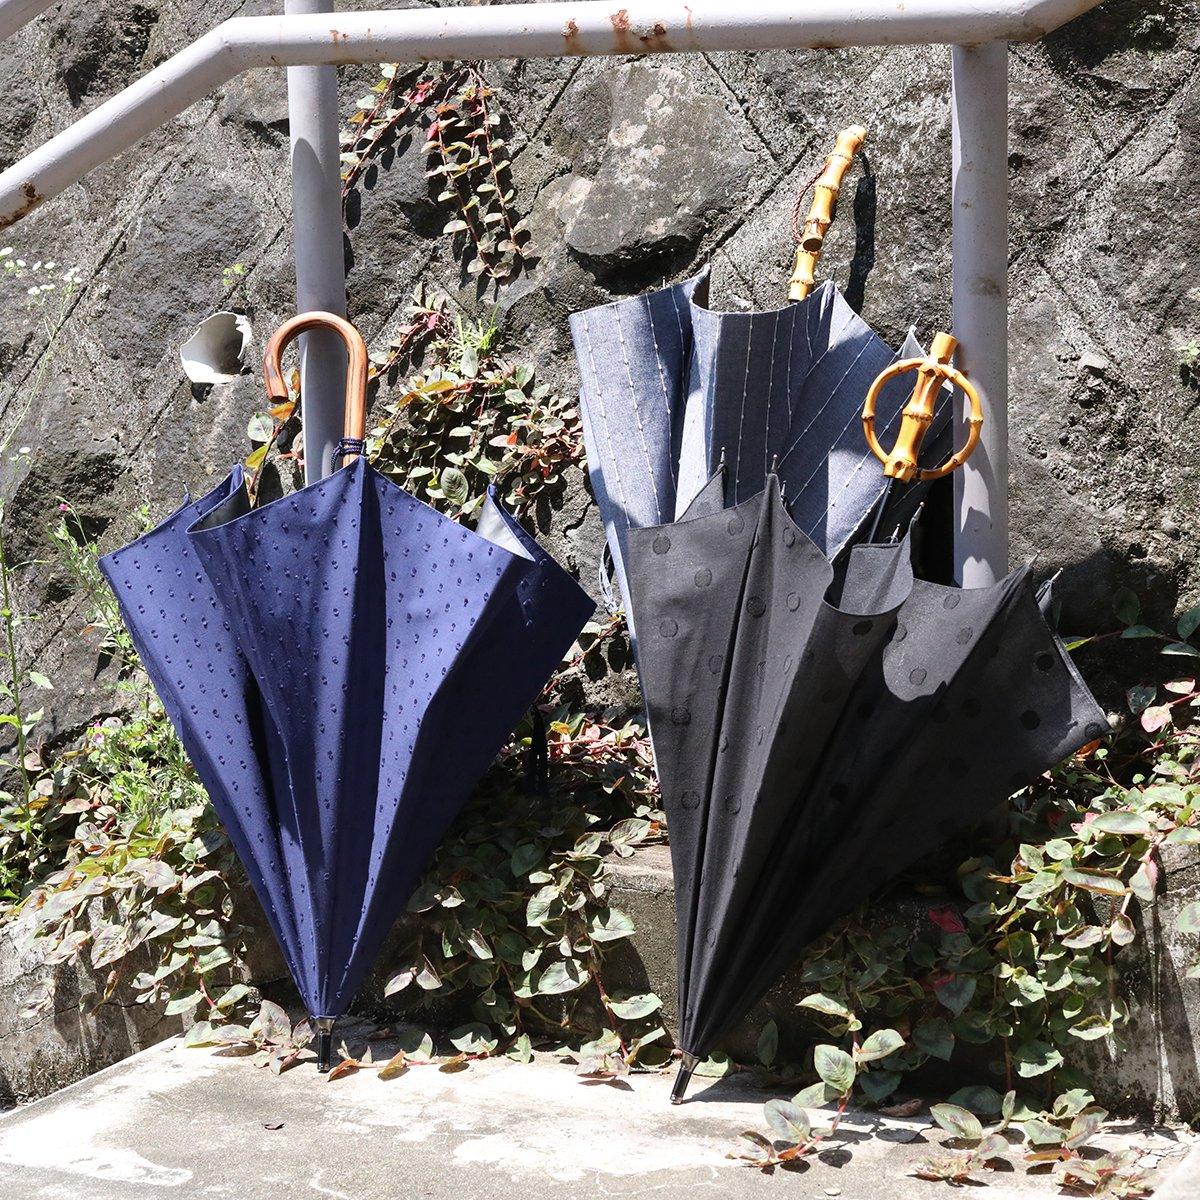 【晴雨兼用傘】スライドシャフト ブラック×ブラック ドット 日傘 詳細画像12